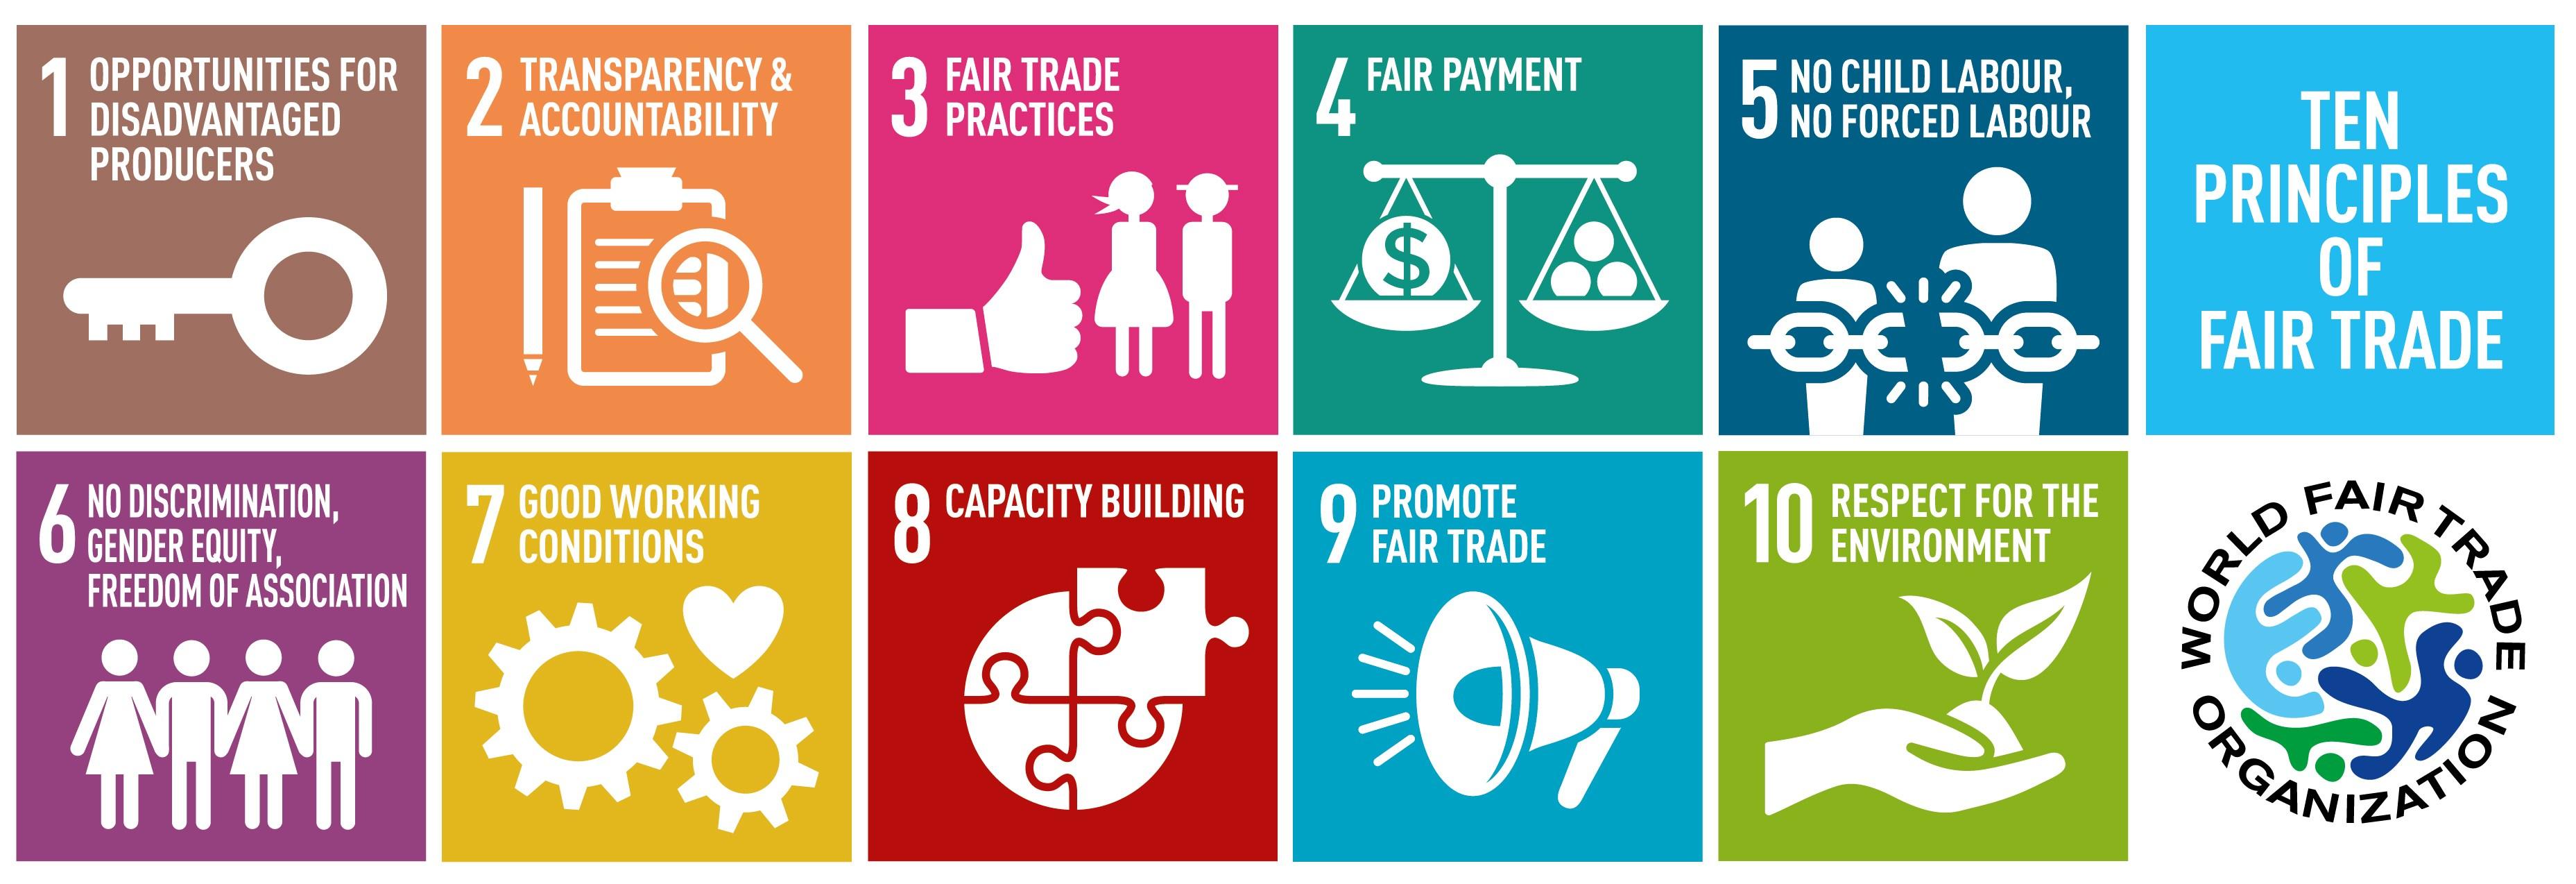 Ten-Principles-Fair Trade